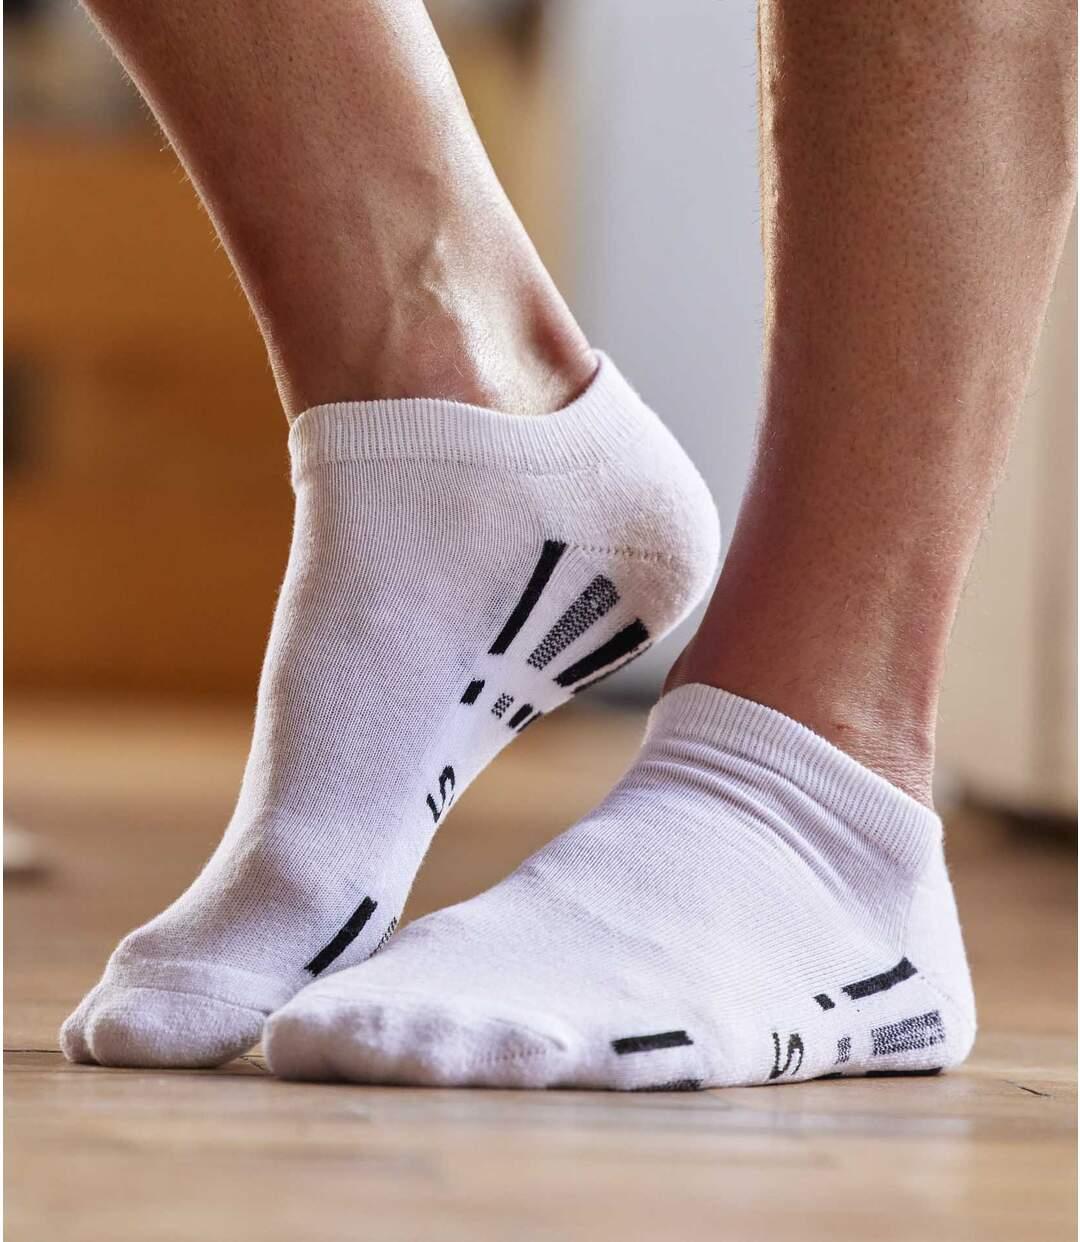 Pack of 4 Pairs of Men's Sneaker Socks - White Black Grey Atlas For Men